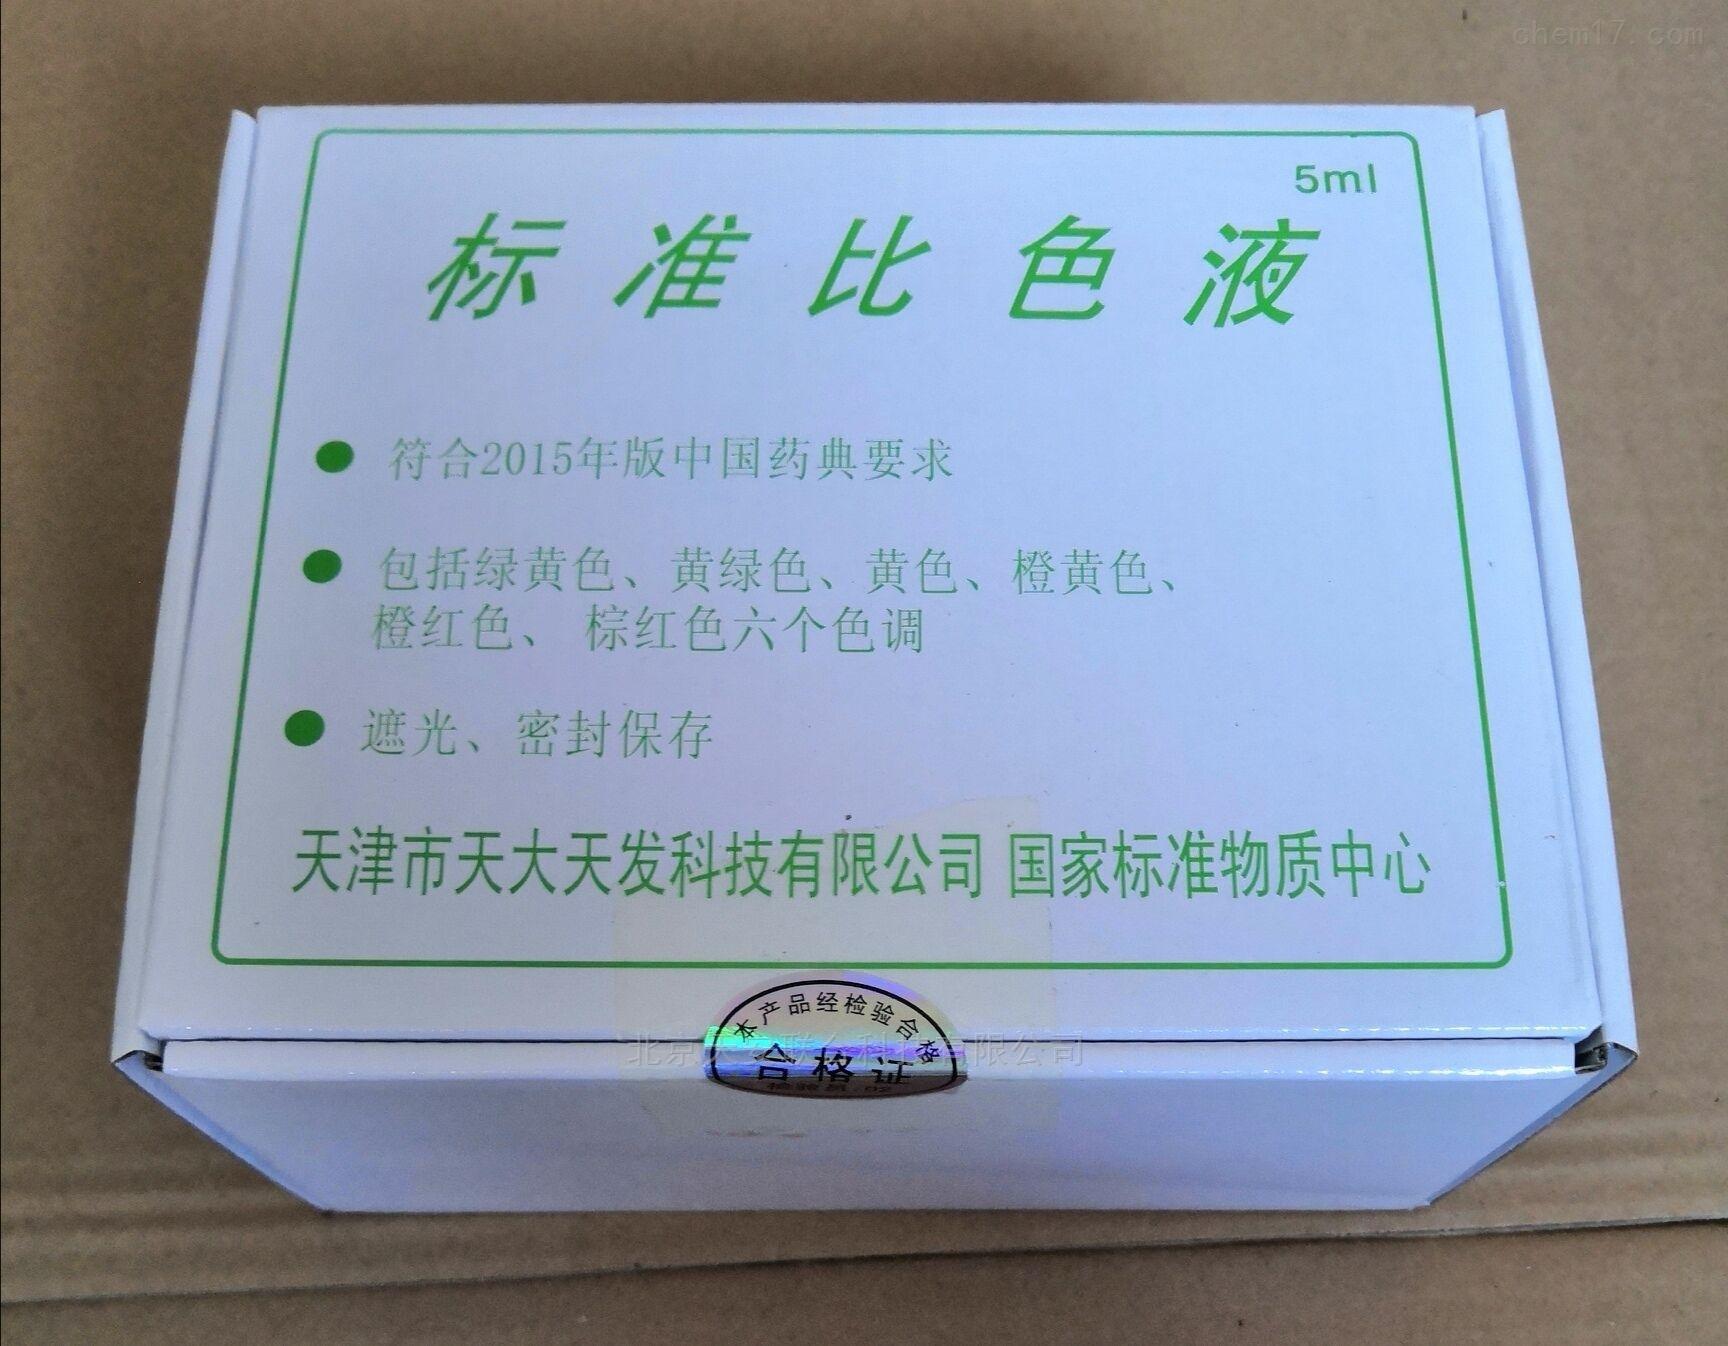 标准比色液 2015版药典溶液颜色检查法